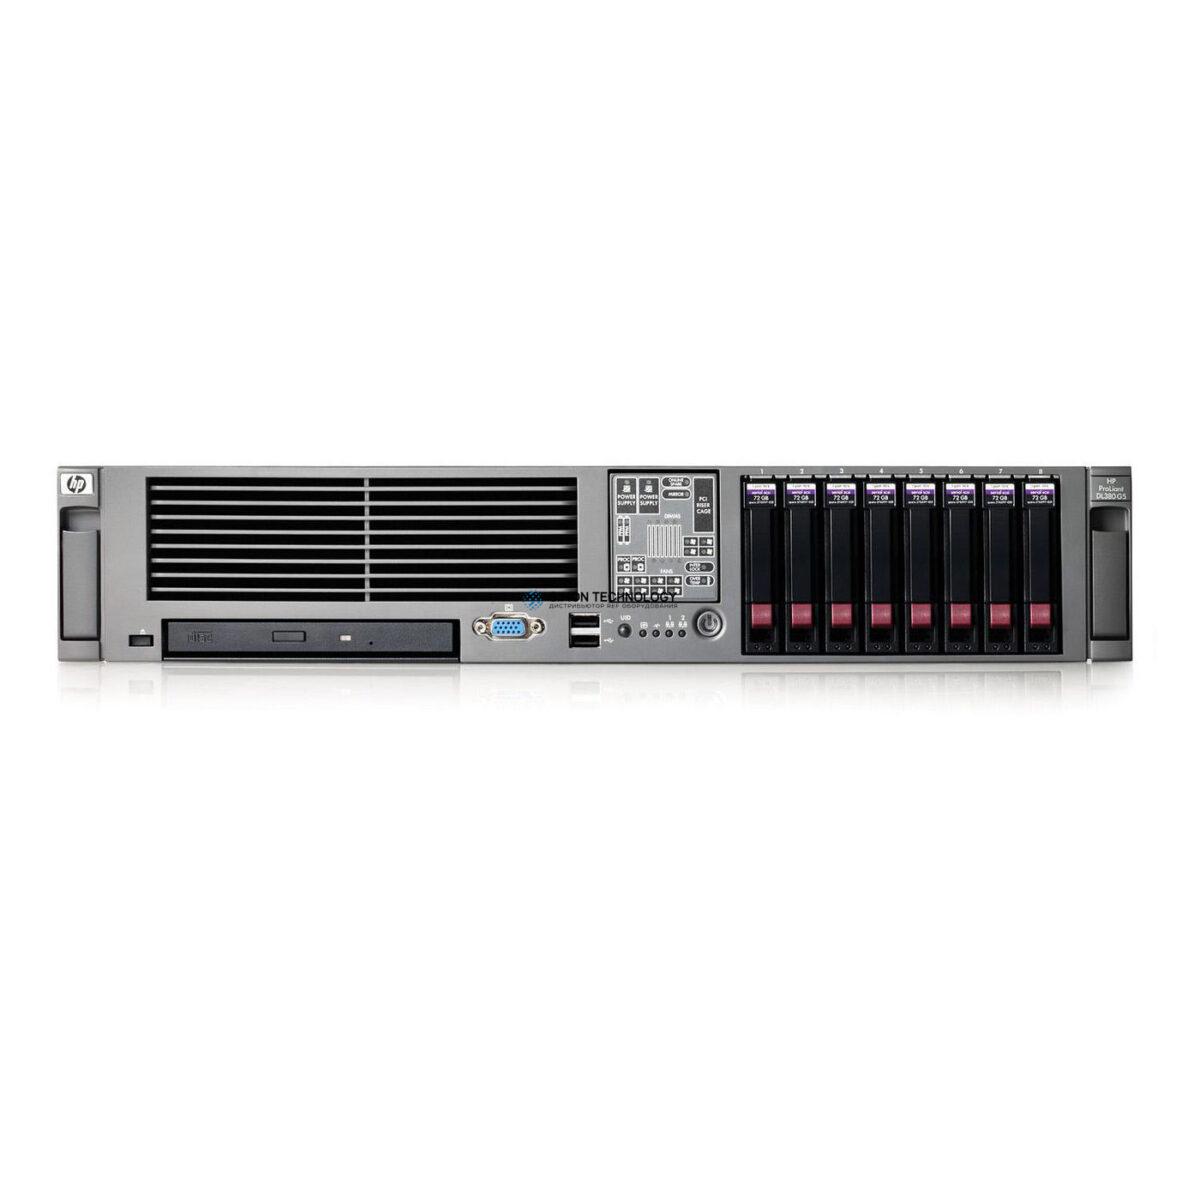 Сервер HP DL380 G5 5150 2.66GHZ 2GB (417457-001)